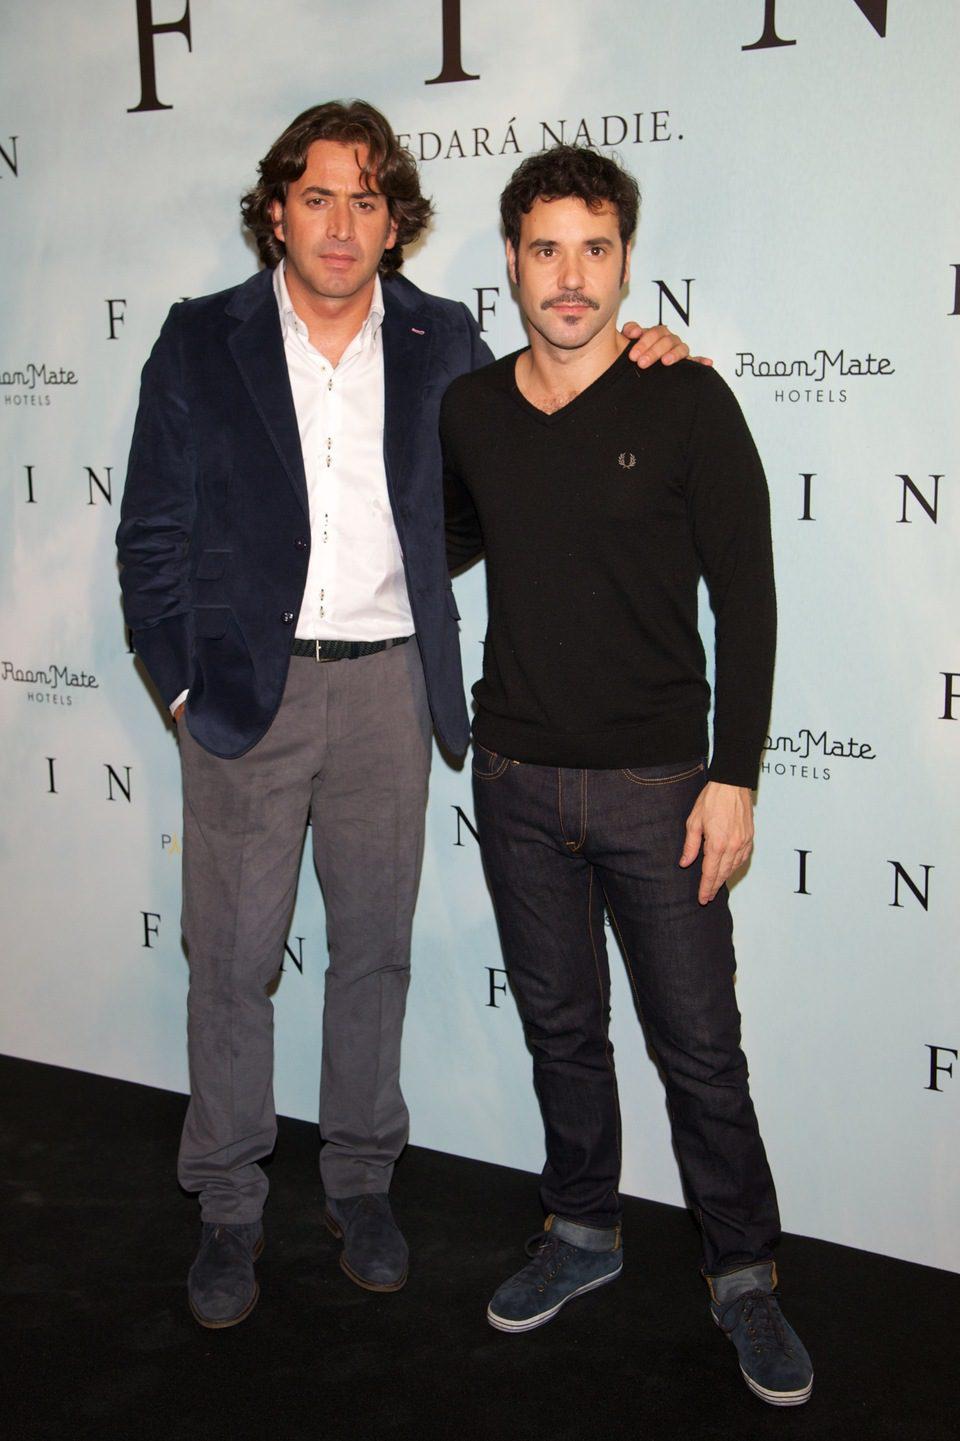 Antonio Garrido y Miquel Fernández en la presentación de 'Fin' en Madrid